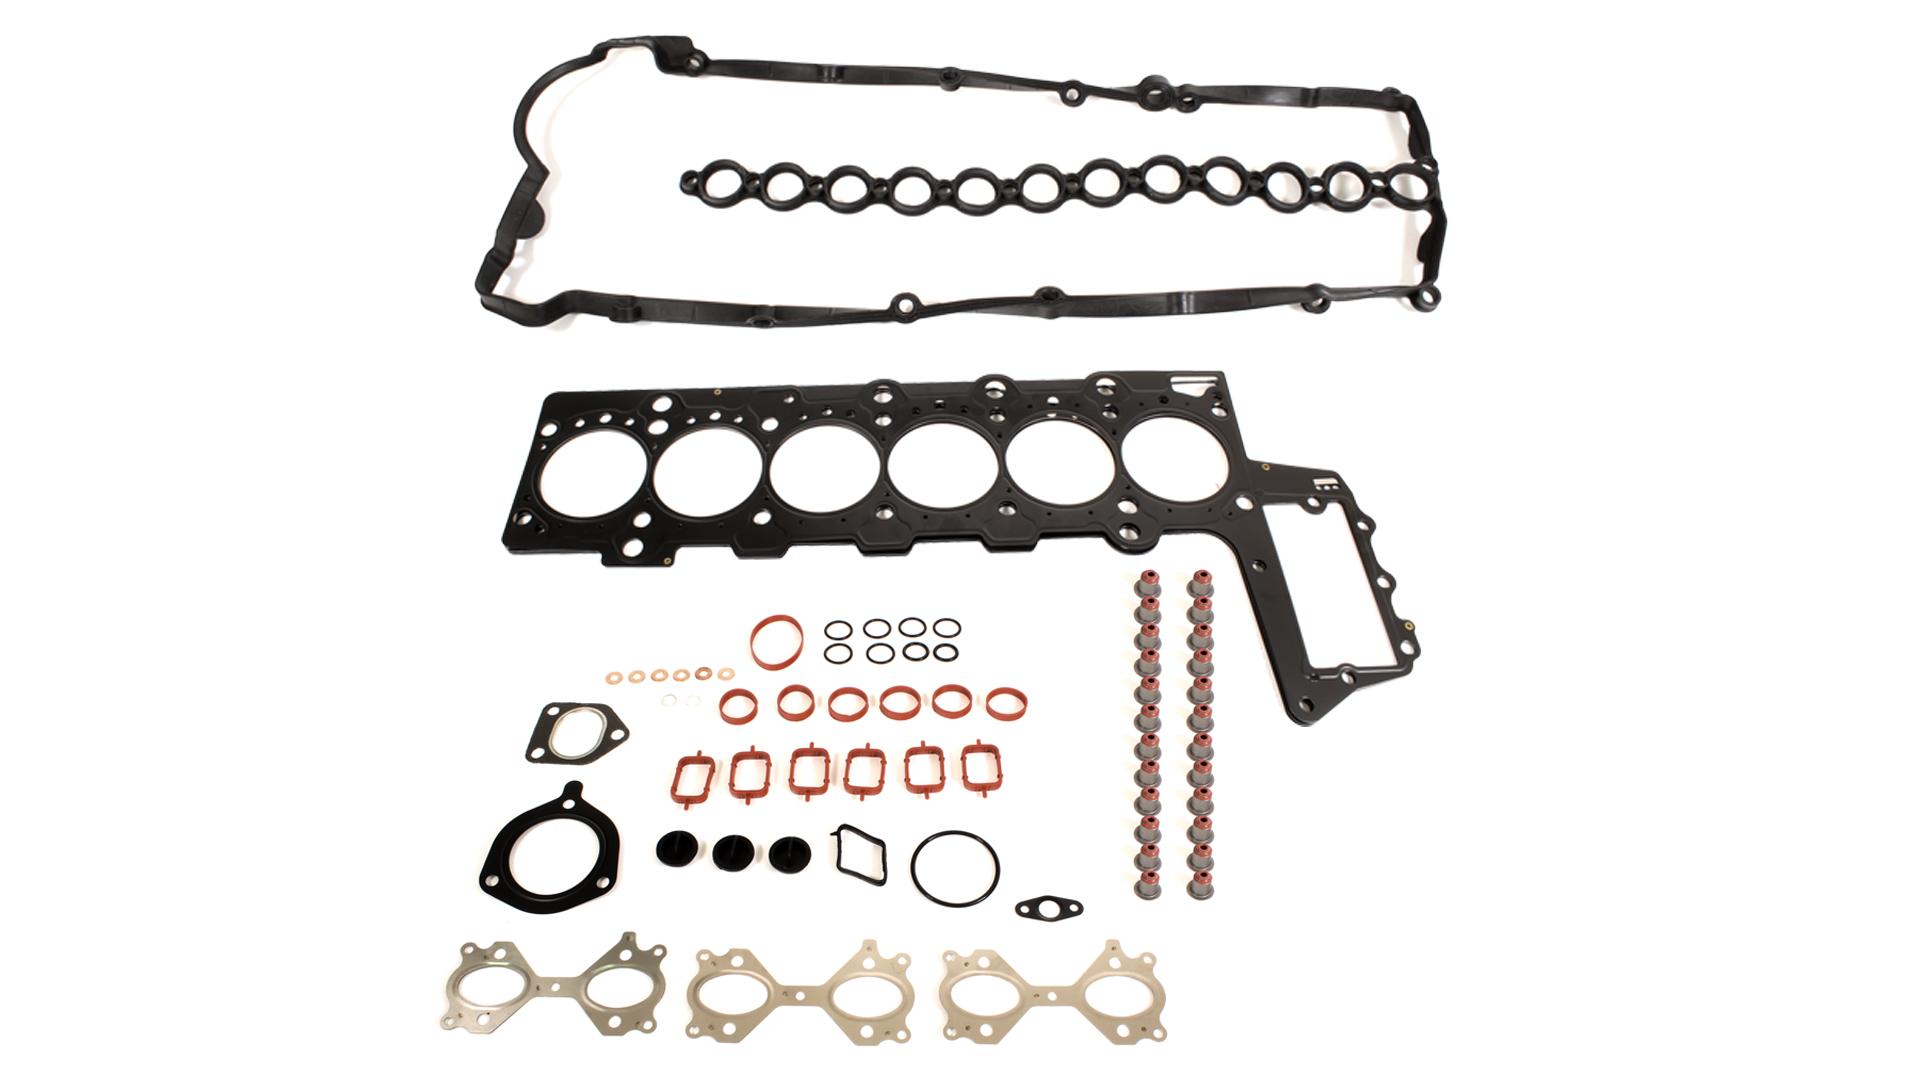 Conjunto da junta do cabeçote do cilindro junta BMW série 3 E46 330 d 3.0 M57D30 306D2 M57 NOVO